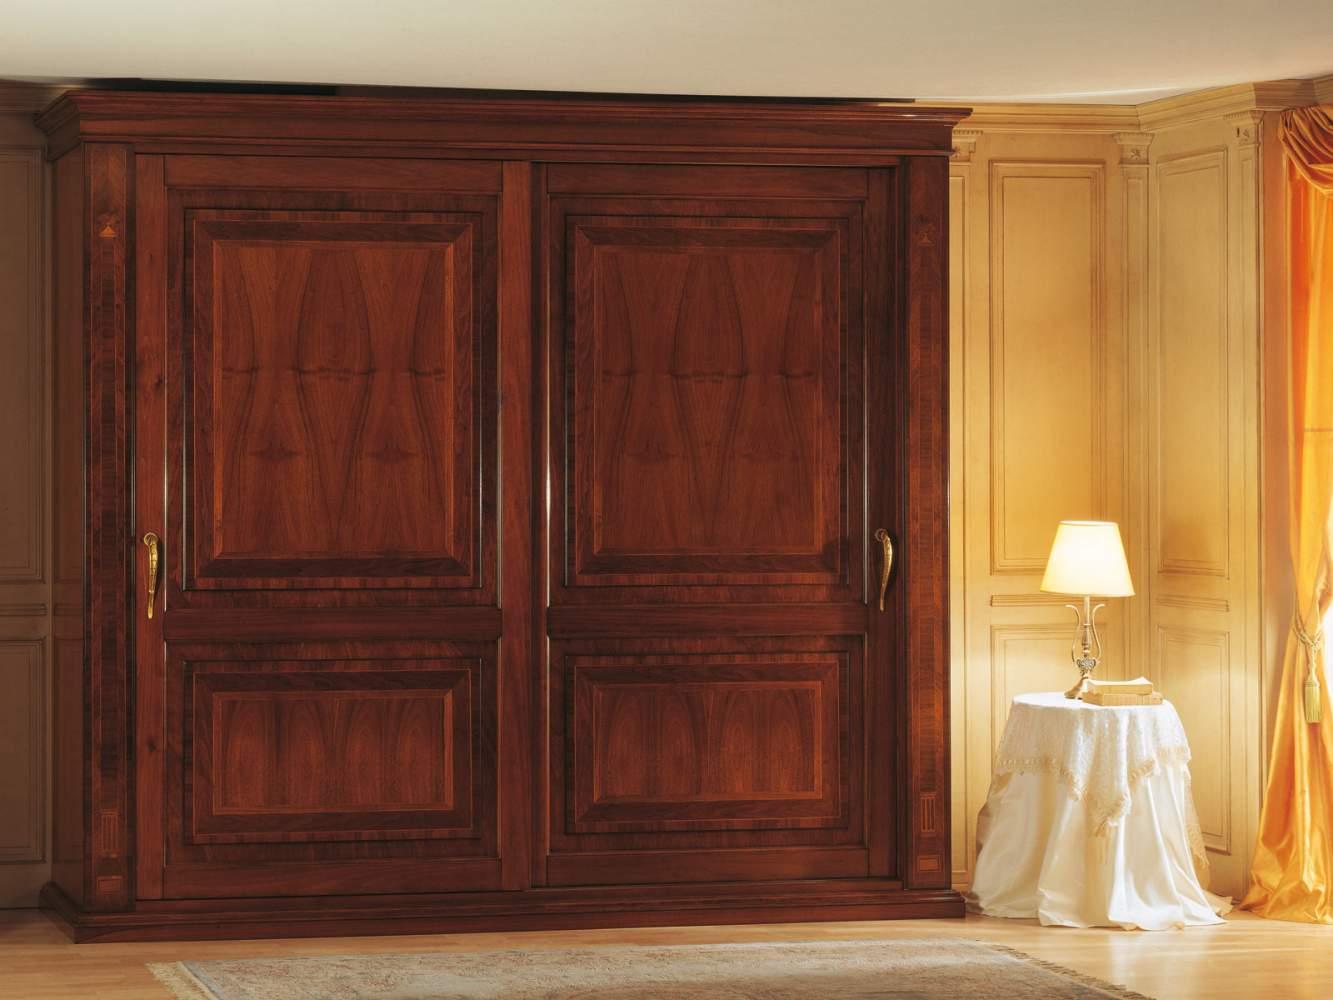 Camera da letto 800 francese armadio due ante con intarsi - Camera da letto francese ...